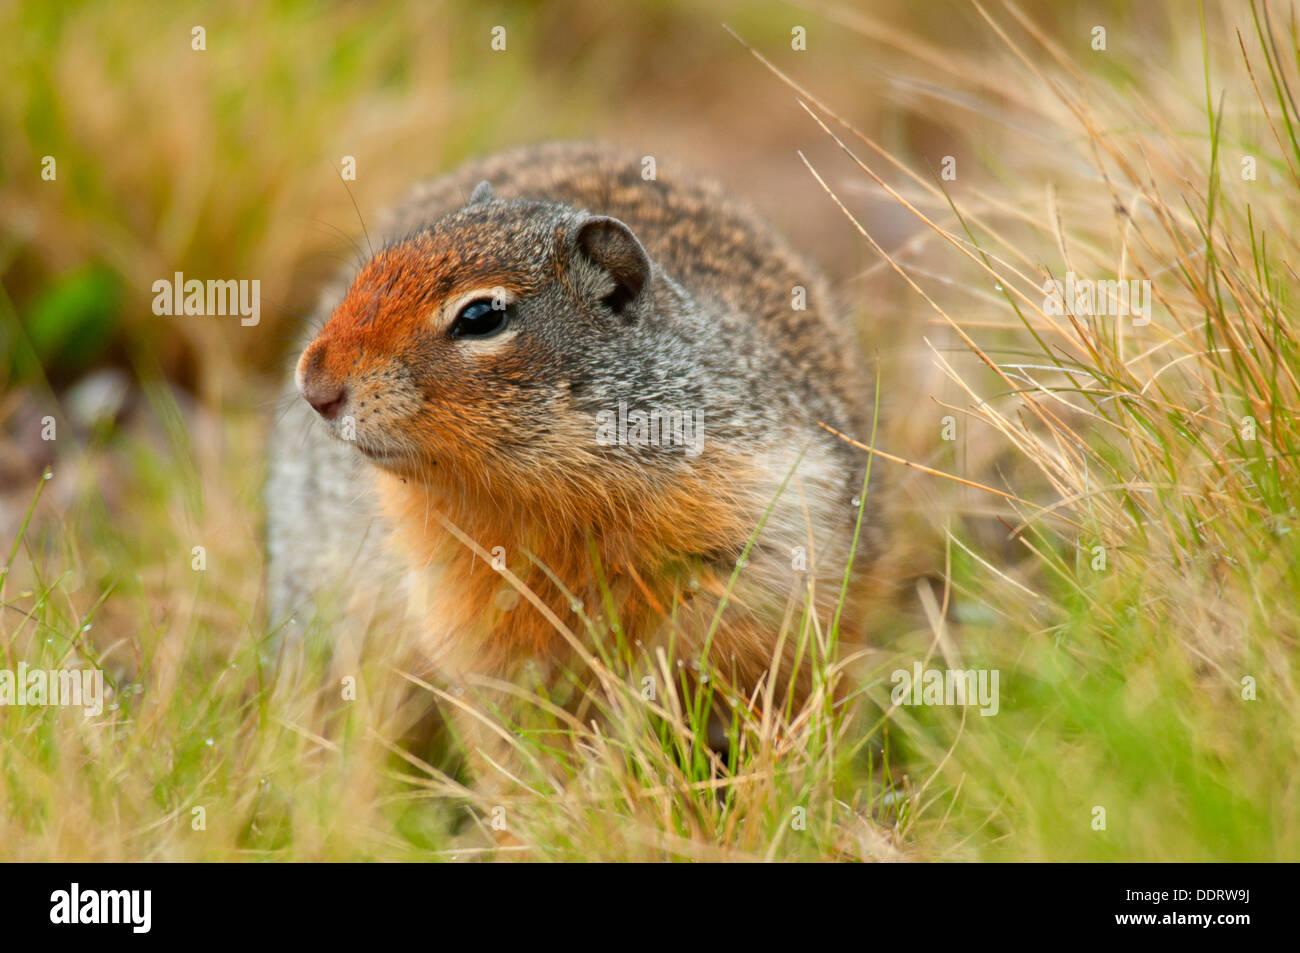 Columbian ground squirrel (Urocitellus columbianus), Banff National Park, Alberta, Canada Stock Photo